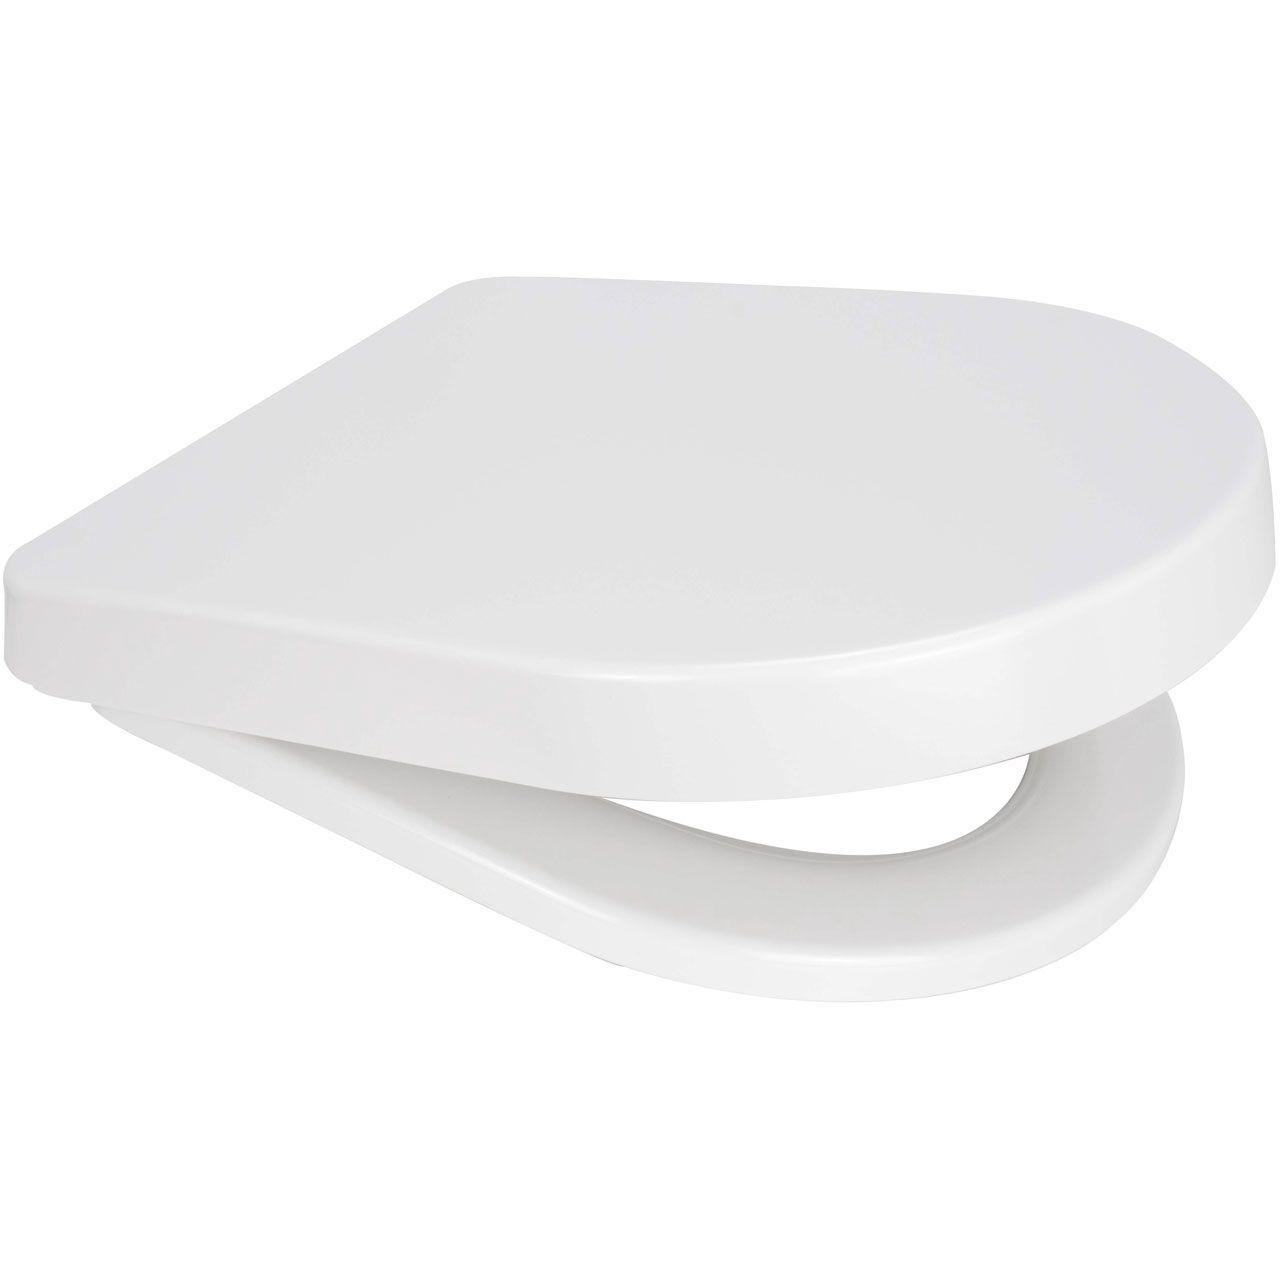 Short Length  424 mm D shape toilet seat